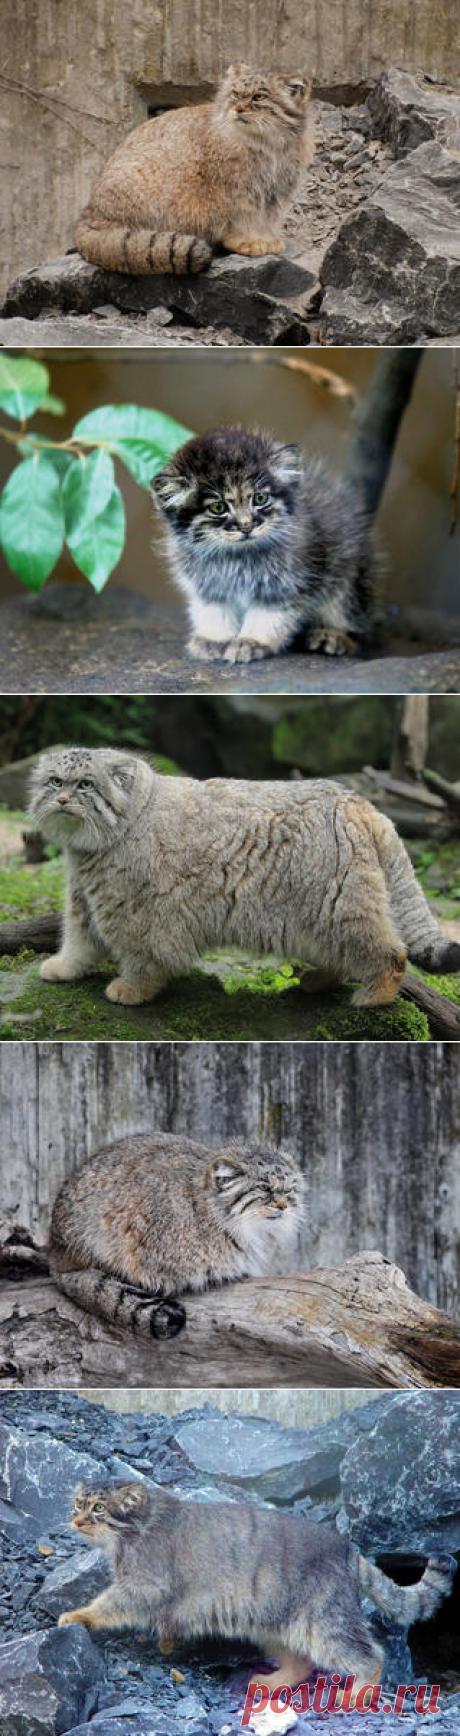 Смотреть изображения манулов | Зооляндия